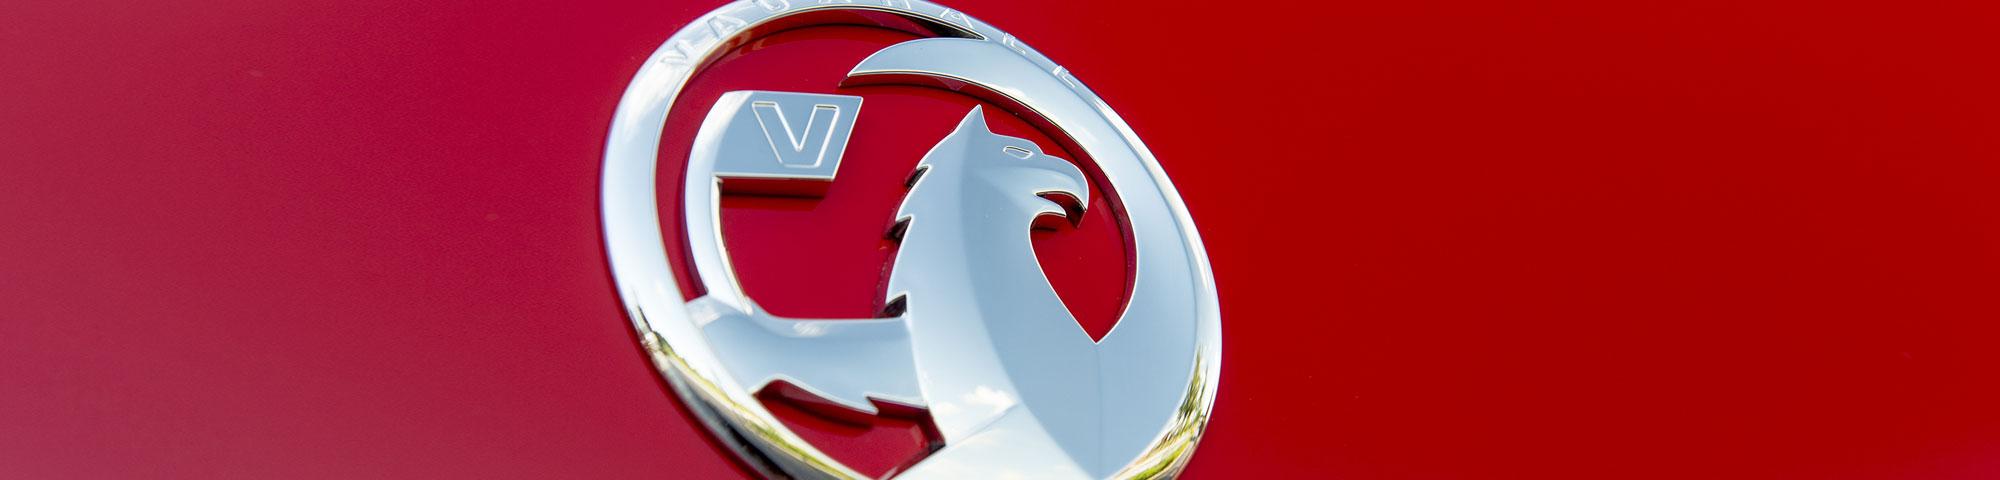 CLMS - Manufacturer - Vauxhall